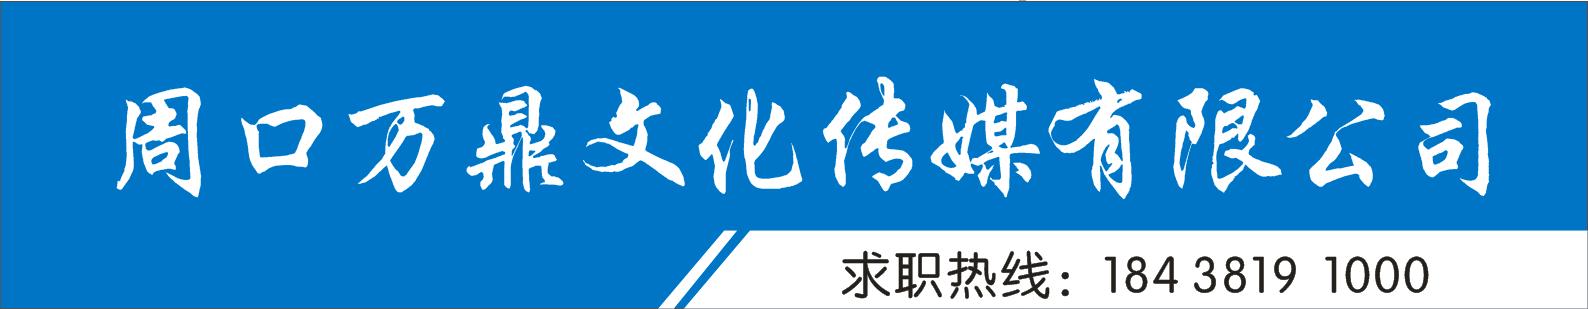 fun88万鼎文化传媒有限公司